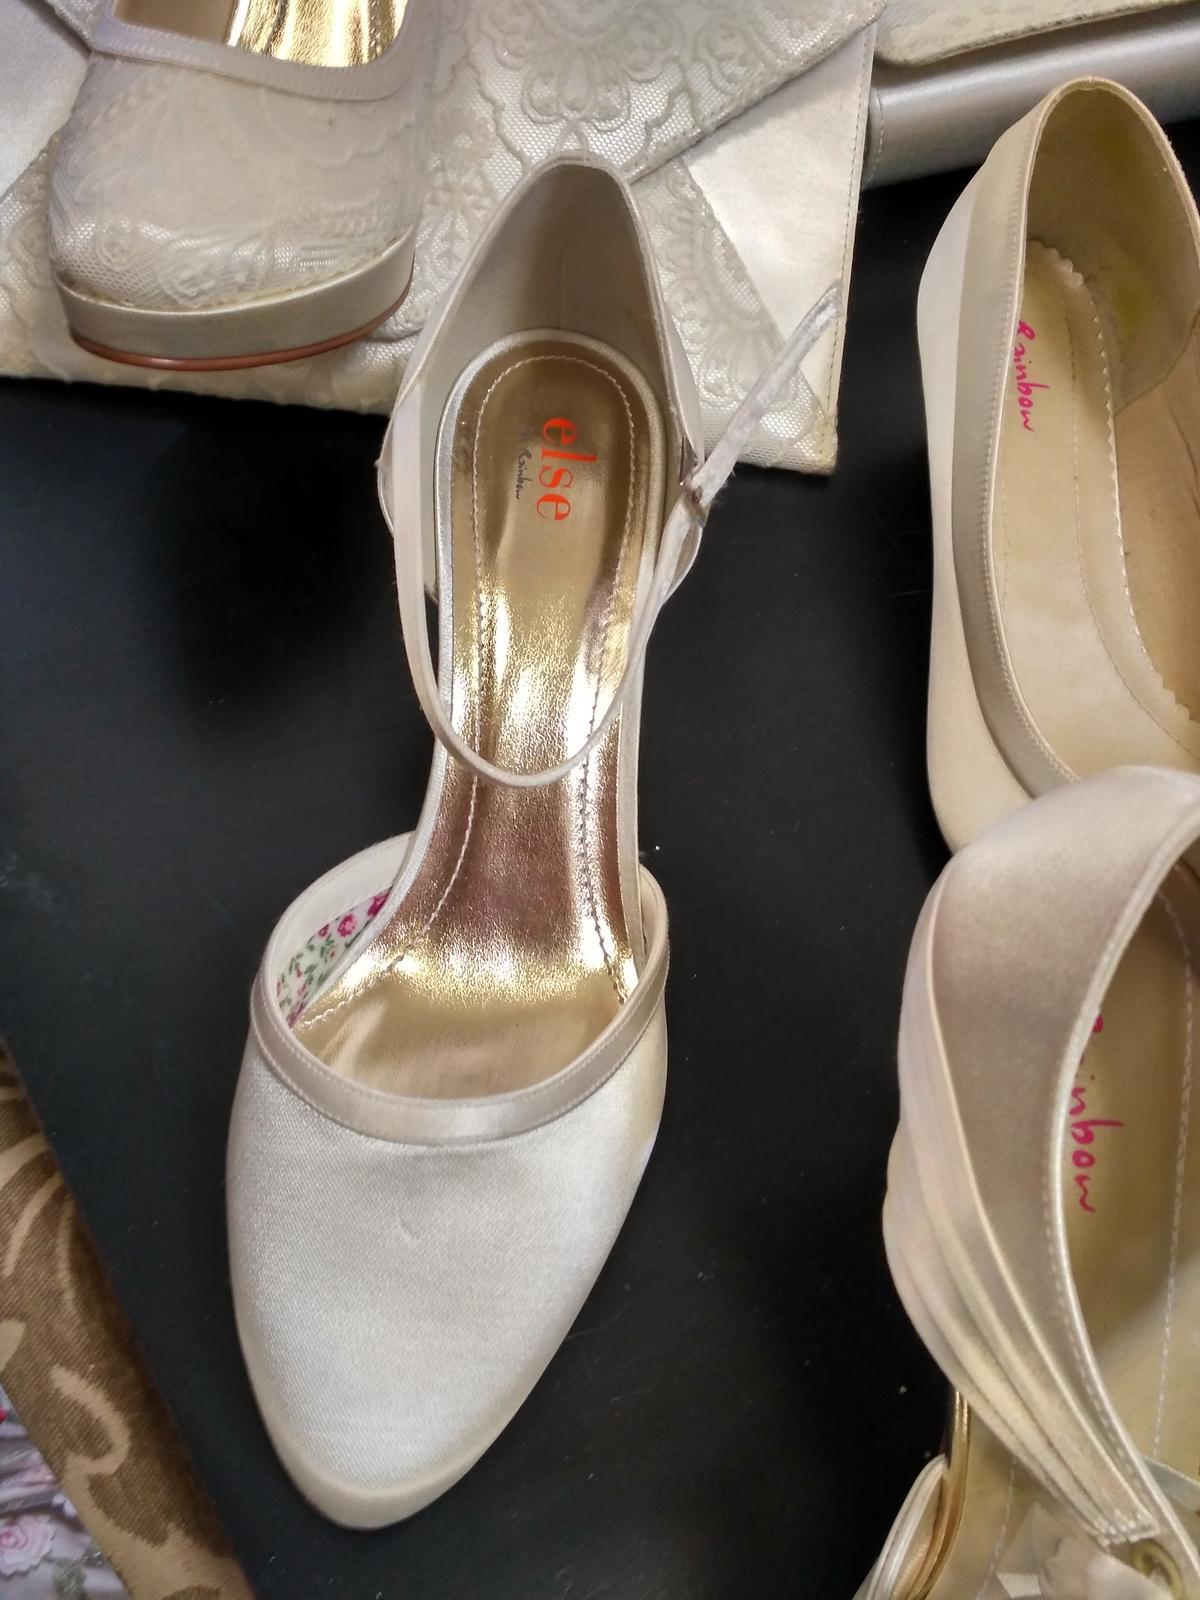 Hladám tieto topánky zn.... - Obrázok č. 1